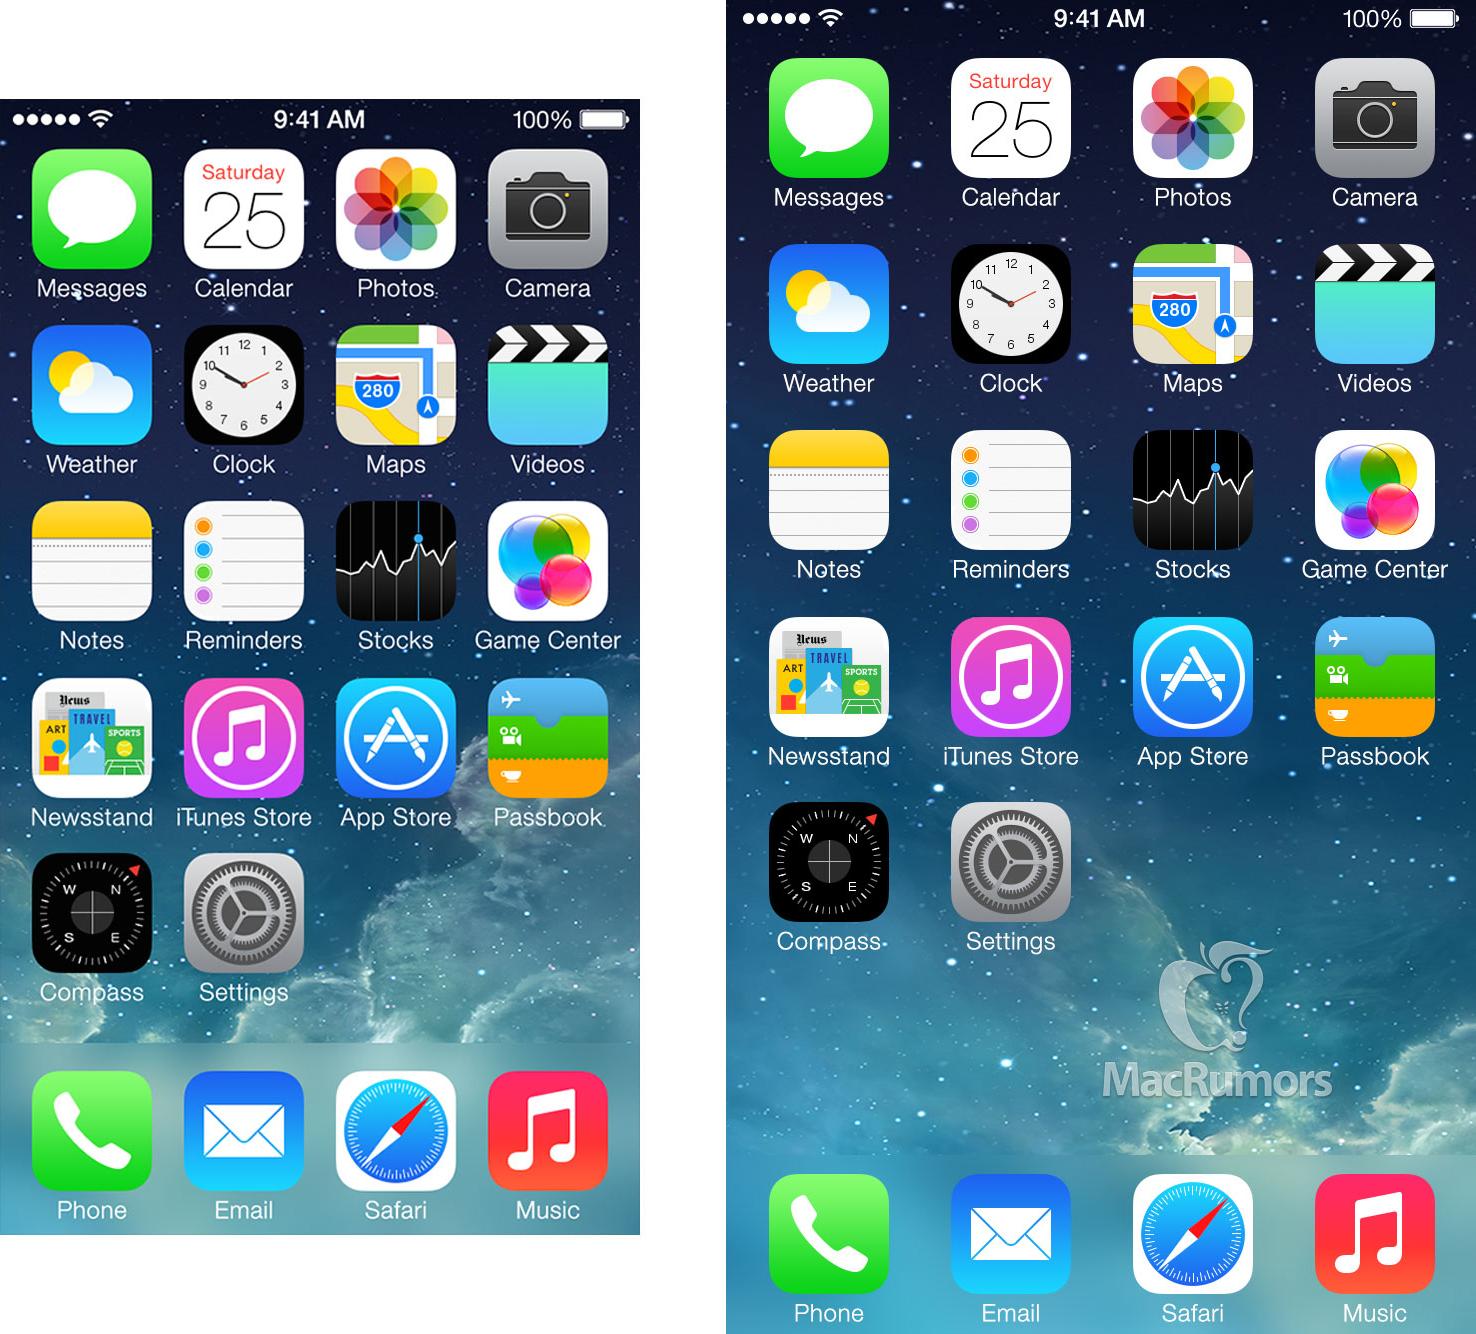 Tela de um iPhone com 4,7 polegadas